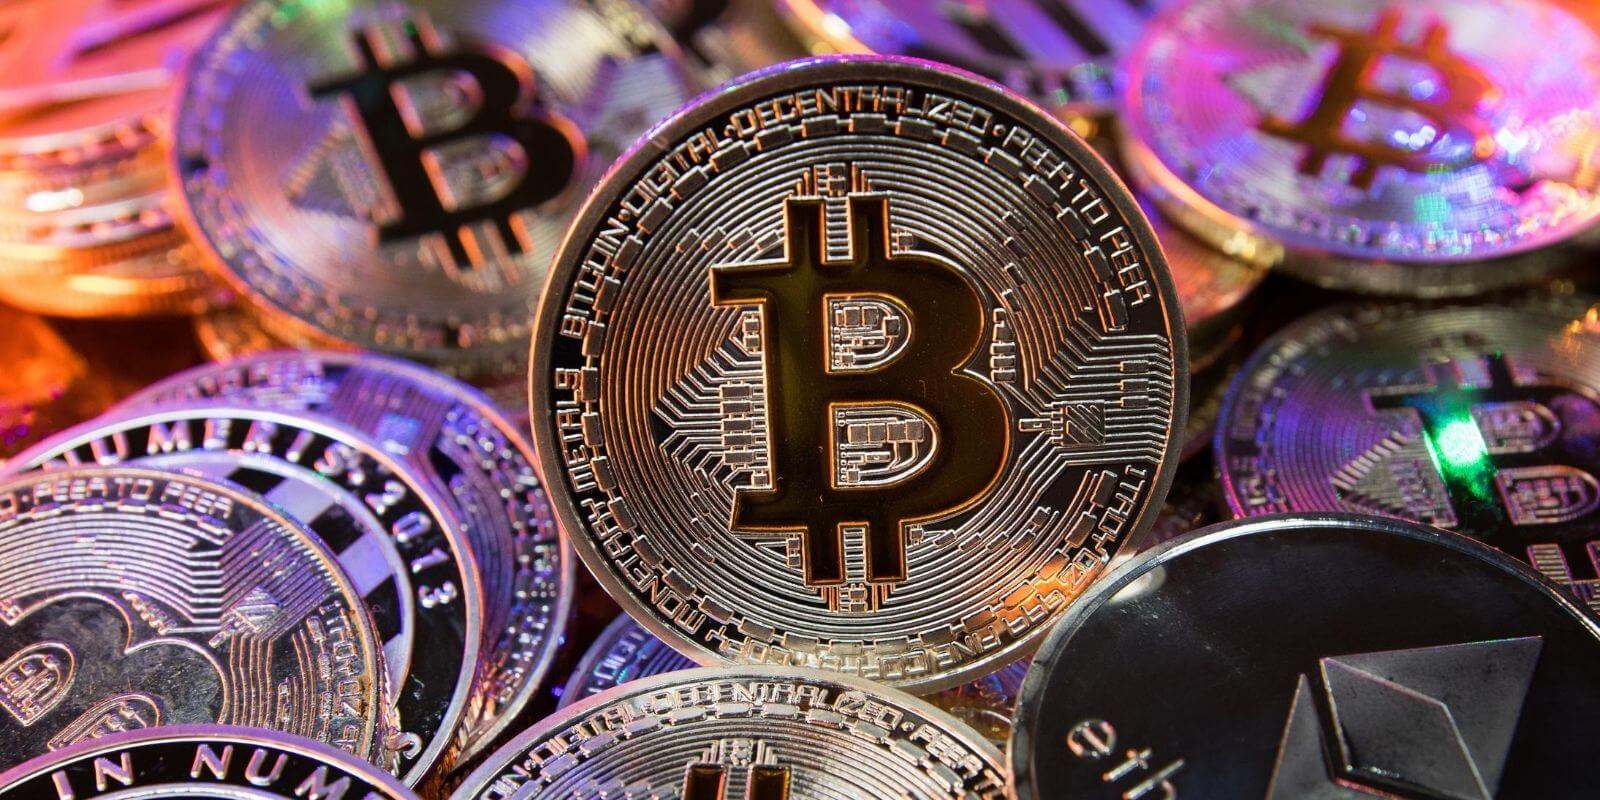 Le Bitcoin ralentit, se dirige-t-il vers une nouvelle phase de consolidation ?